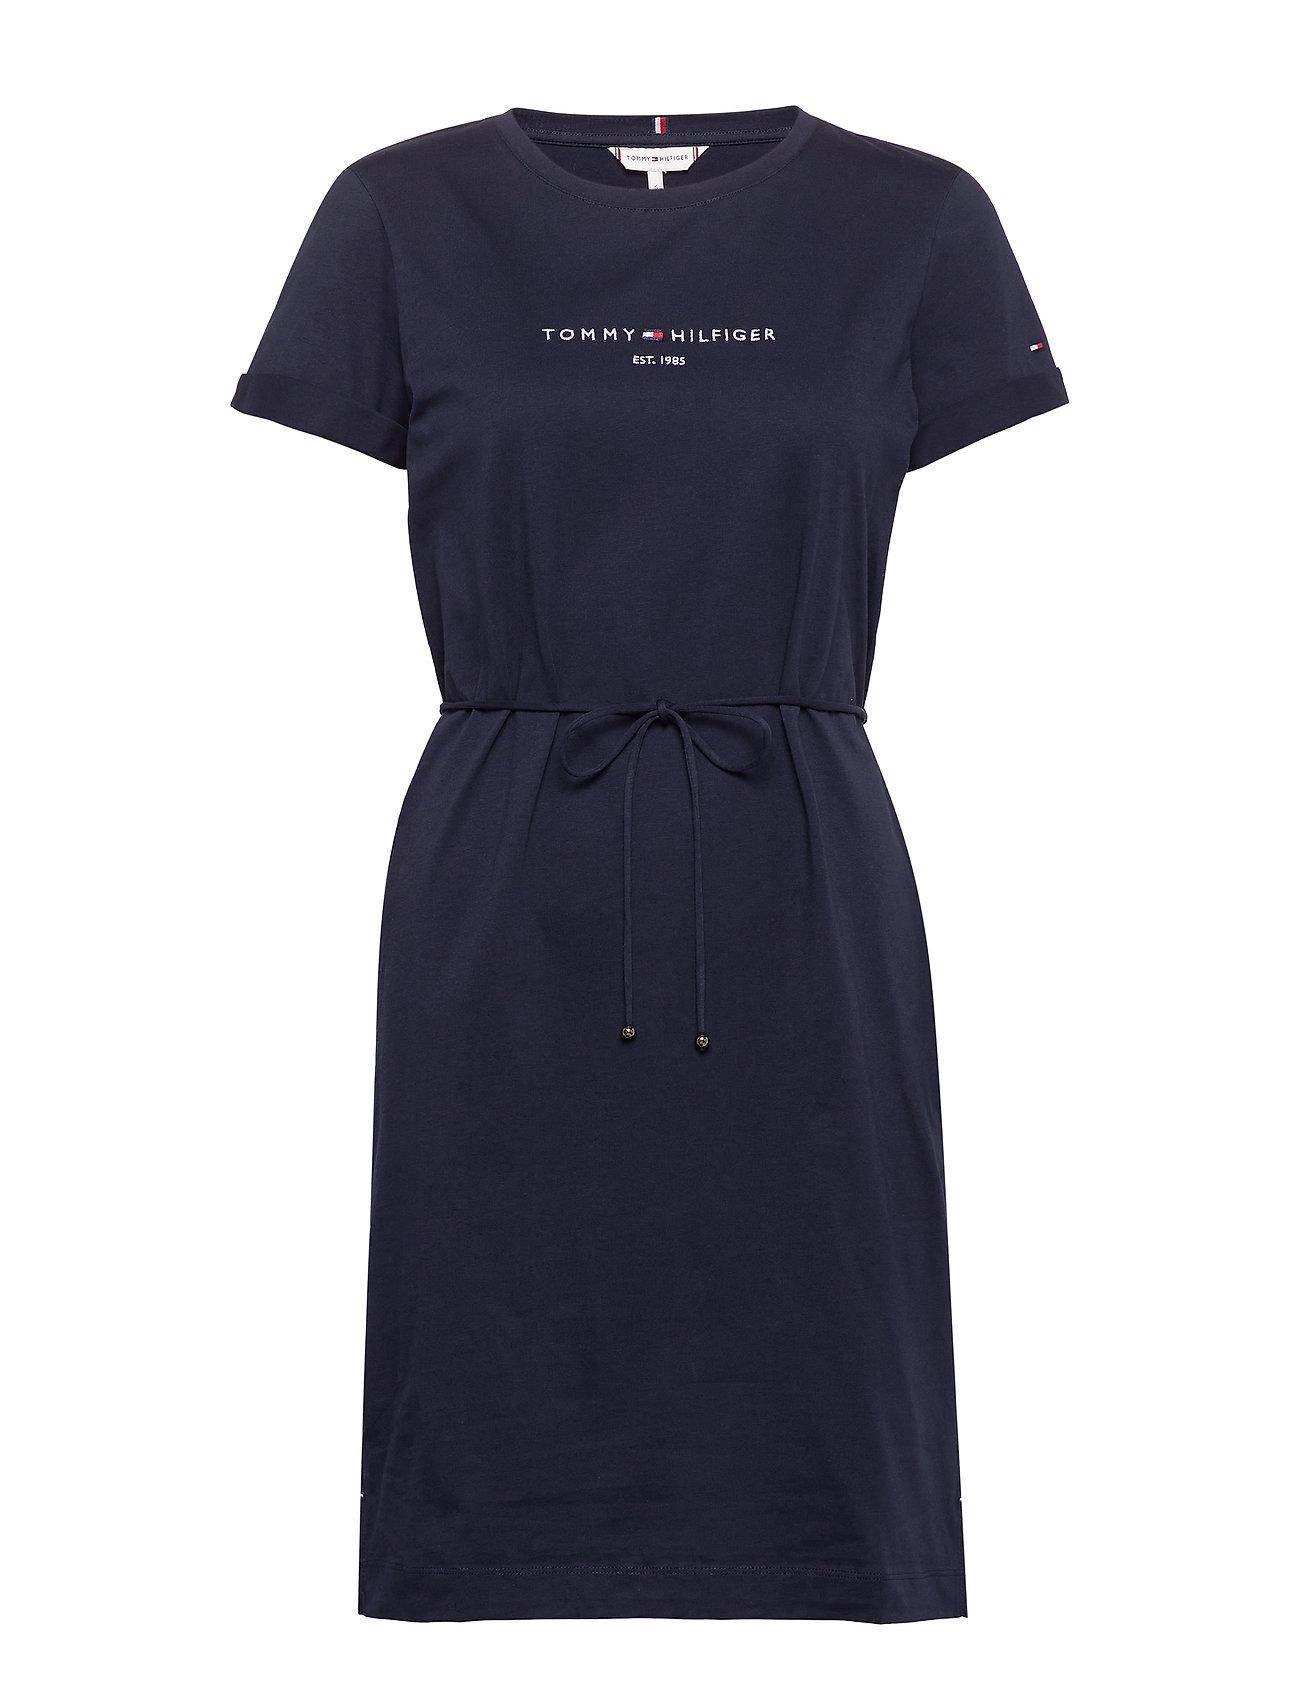 Image of Th Cool Regular Hilfiger Dress Knælang Kjole Blå Tommy Hilfiger (3412645775)